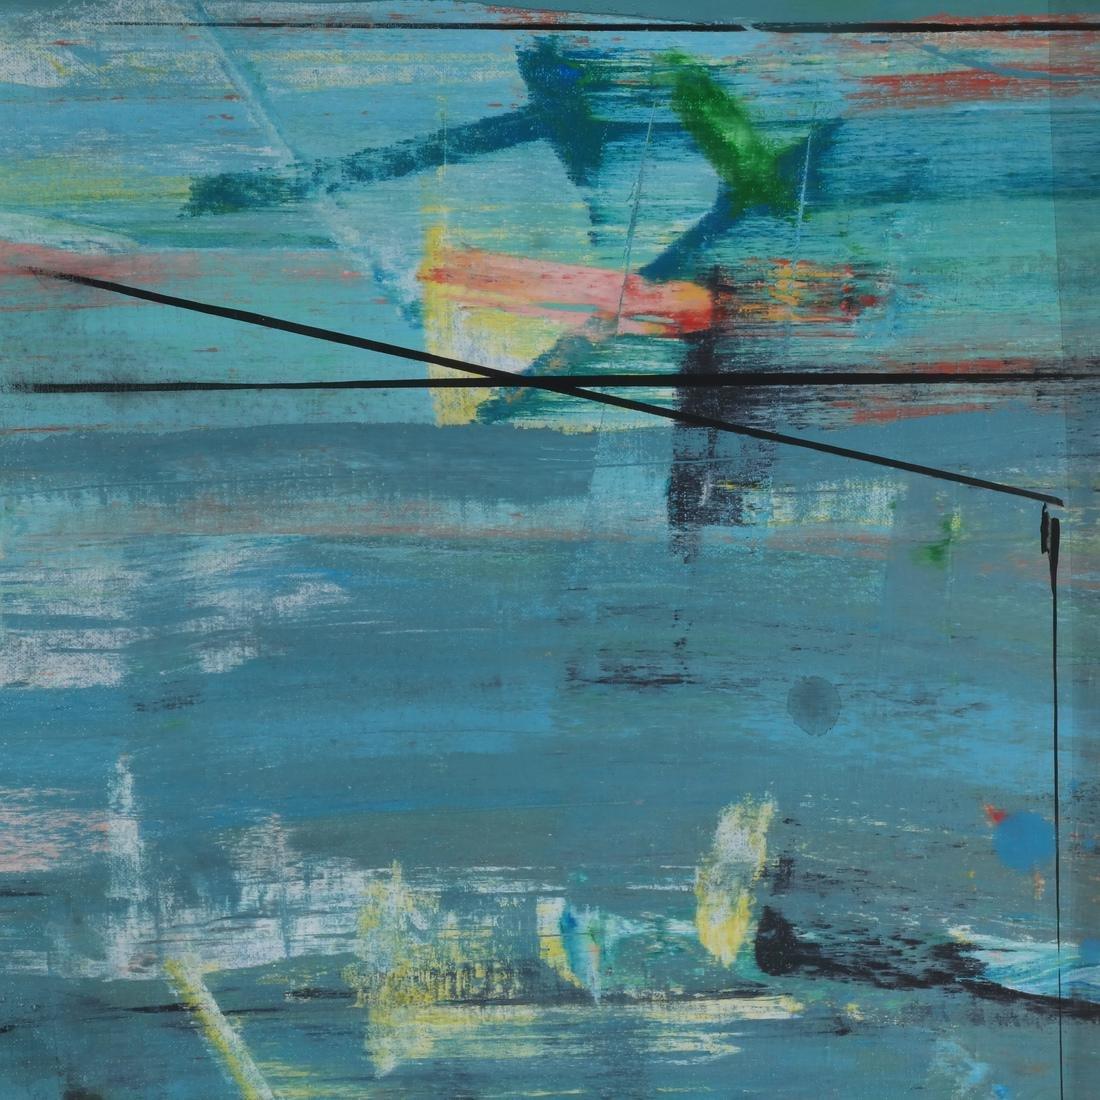 Antonio Carreño: Passing Memories, Oil on Canvas - 4